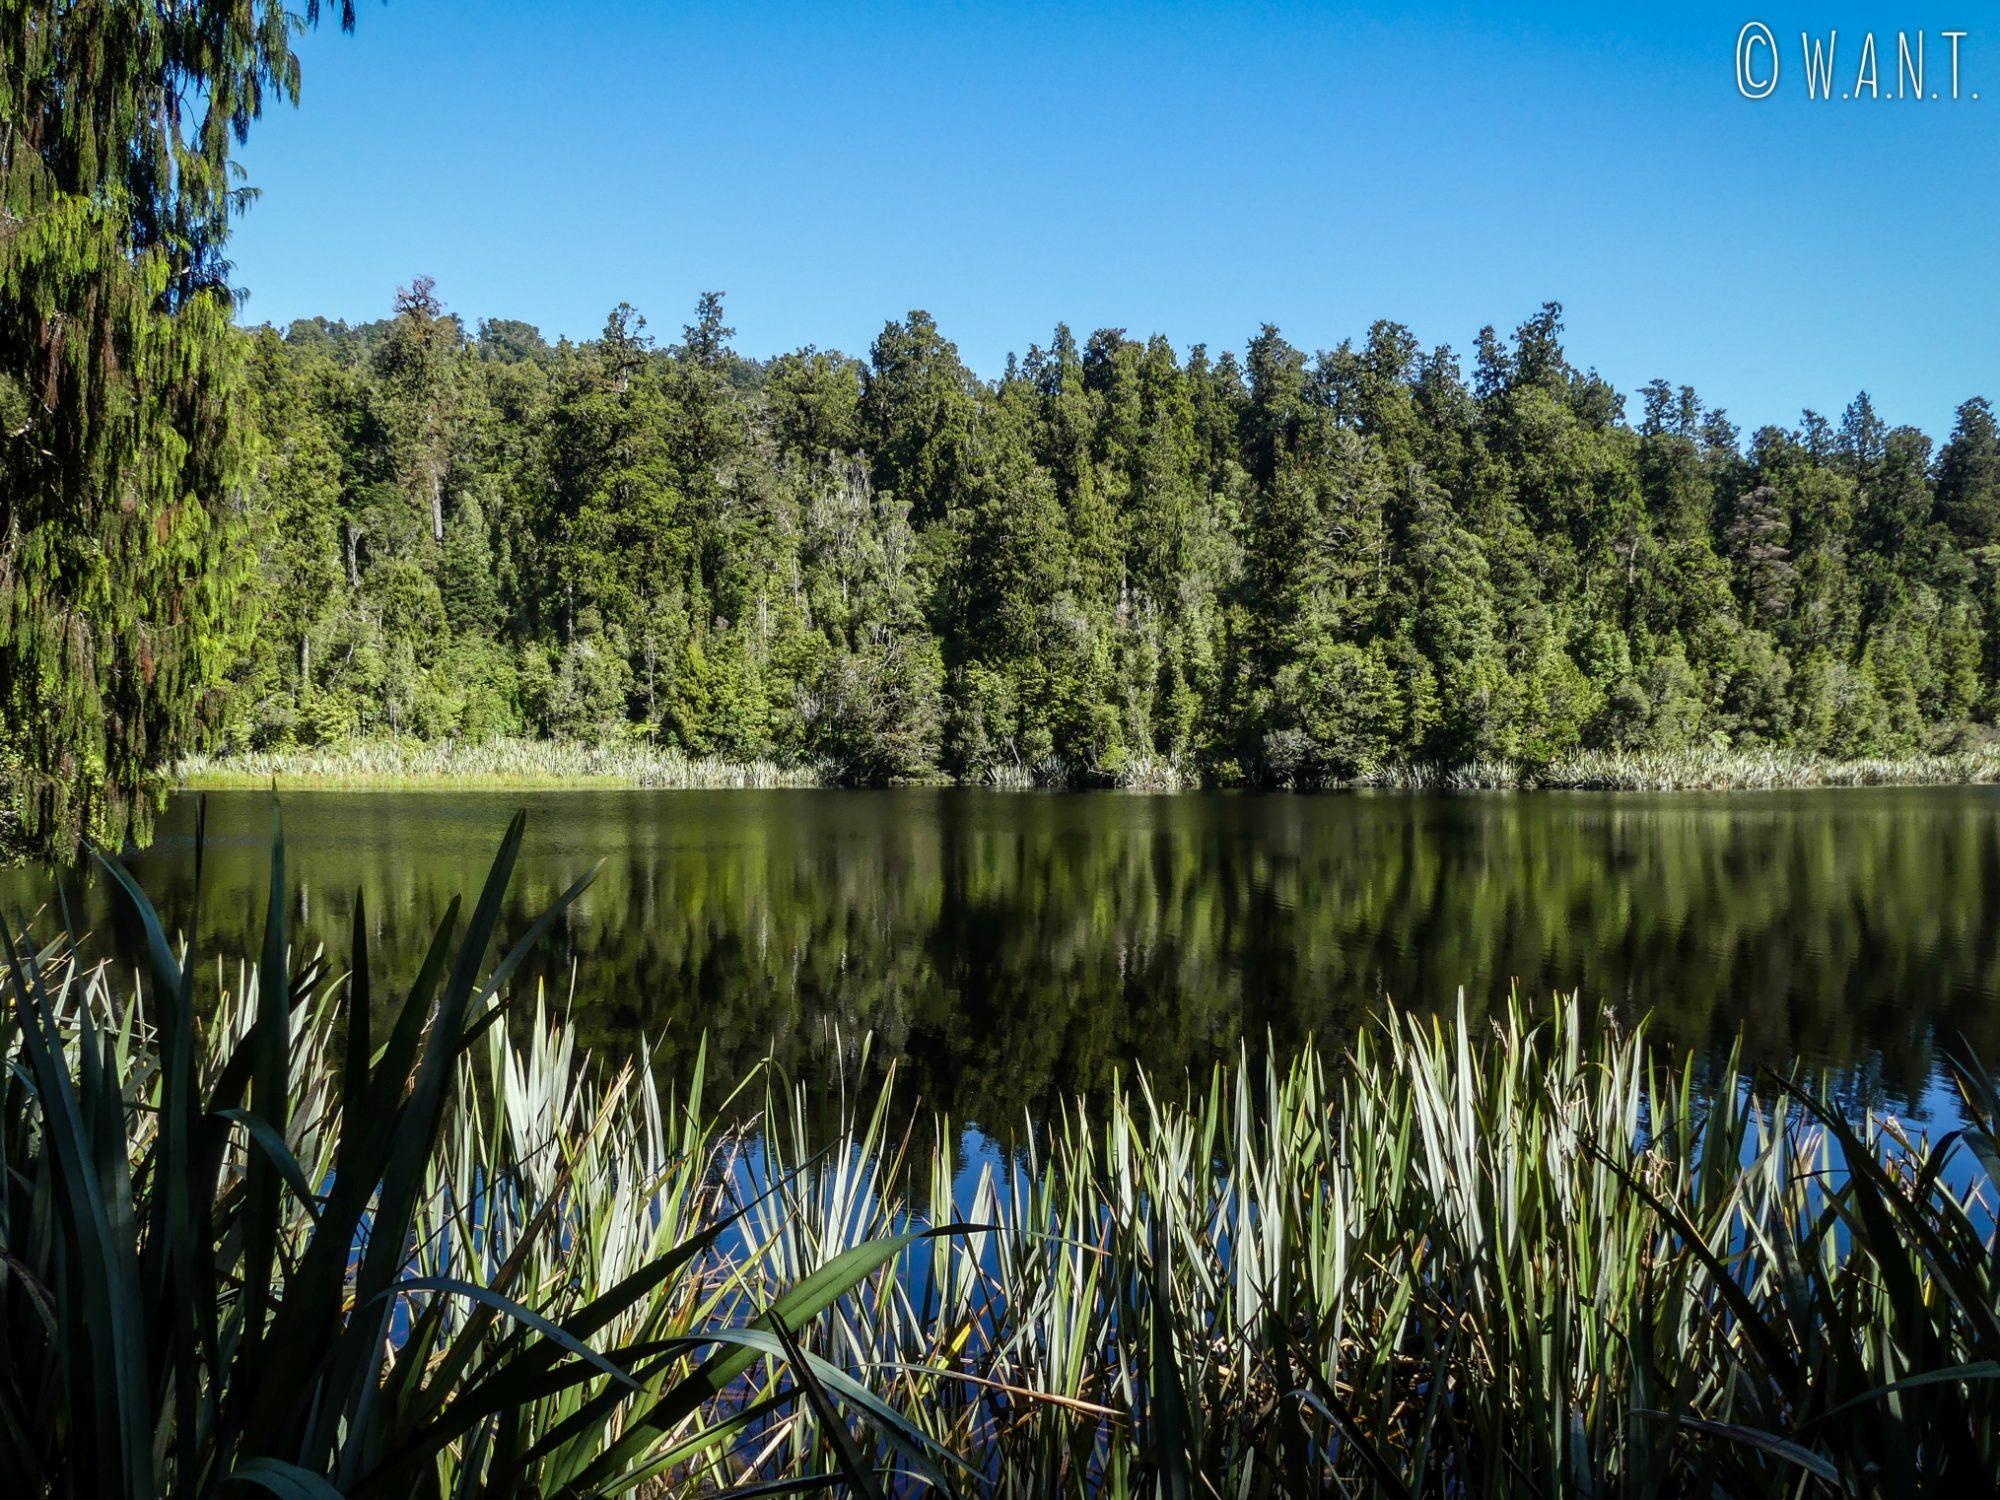 Le lac Matheson en Nouvelle-Zélande est réputé pour ses reflets incroyables sur l'eau